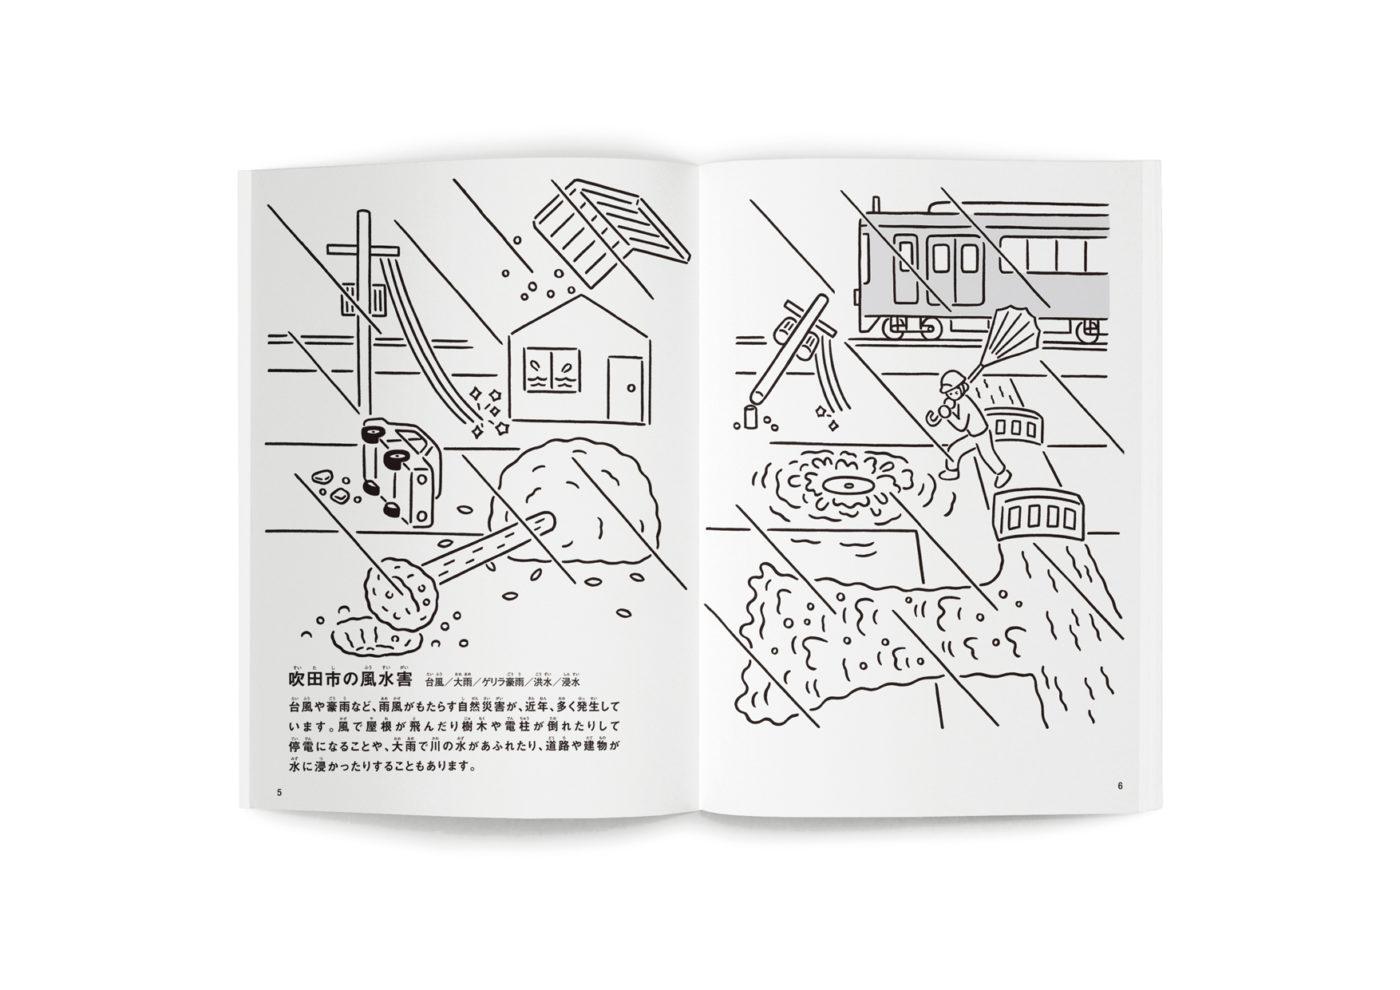 ブックデザイン:増永明子「吹田市防災ブック『知る 考える 動く』」